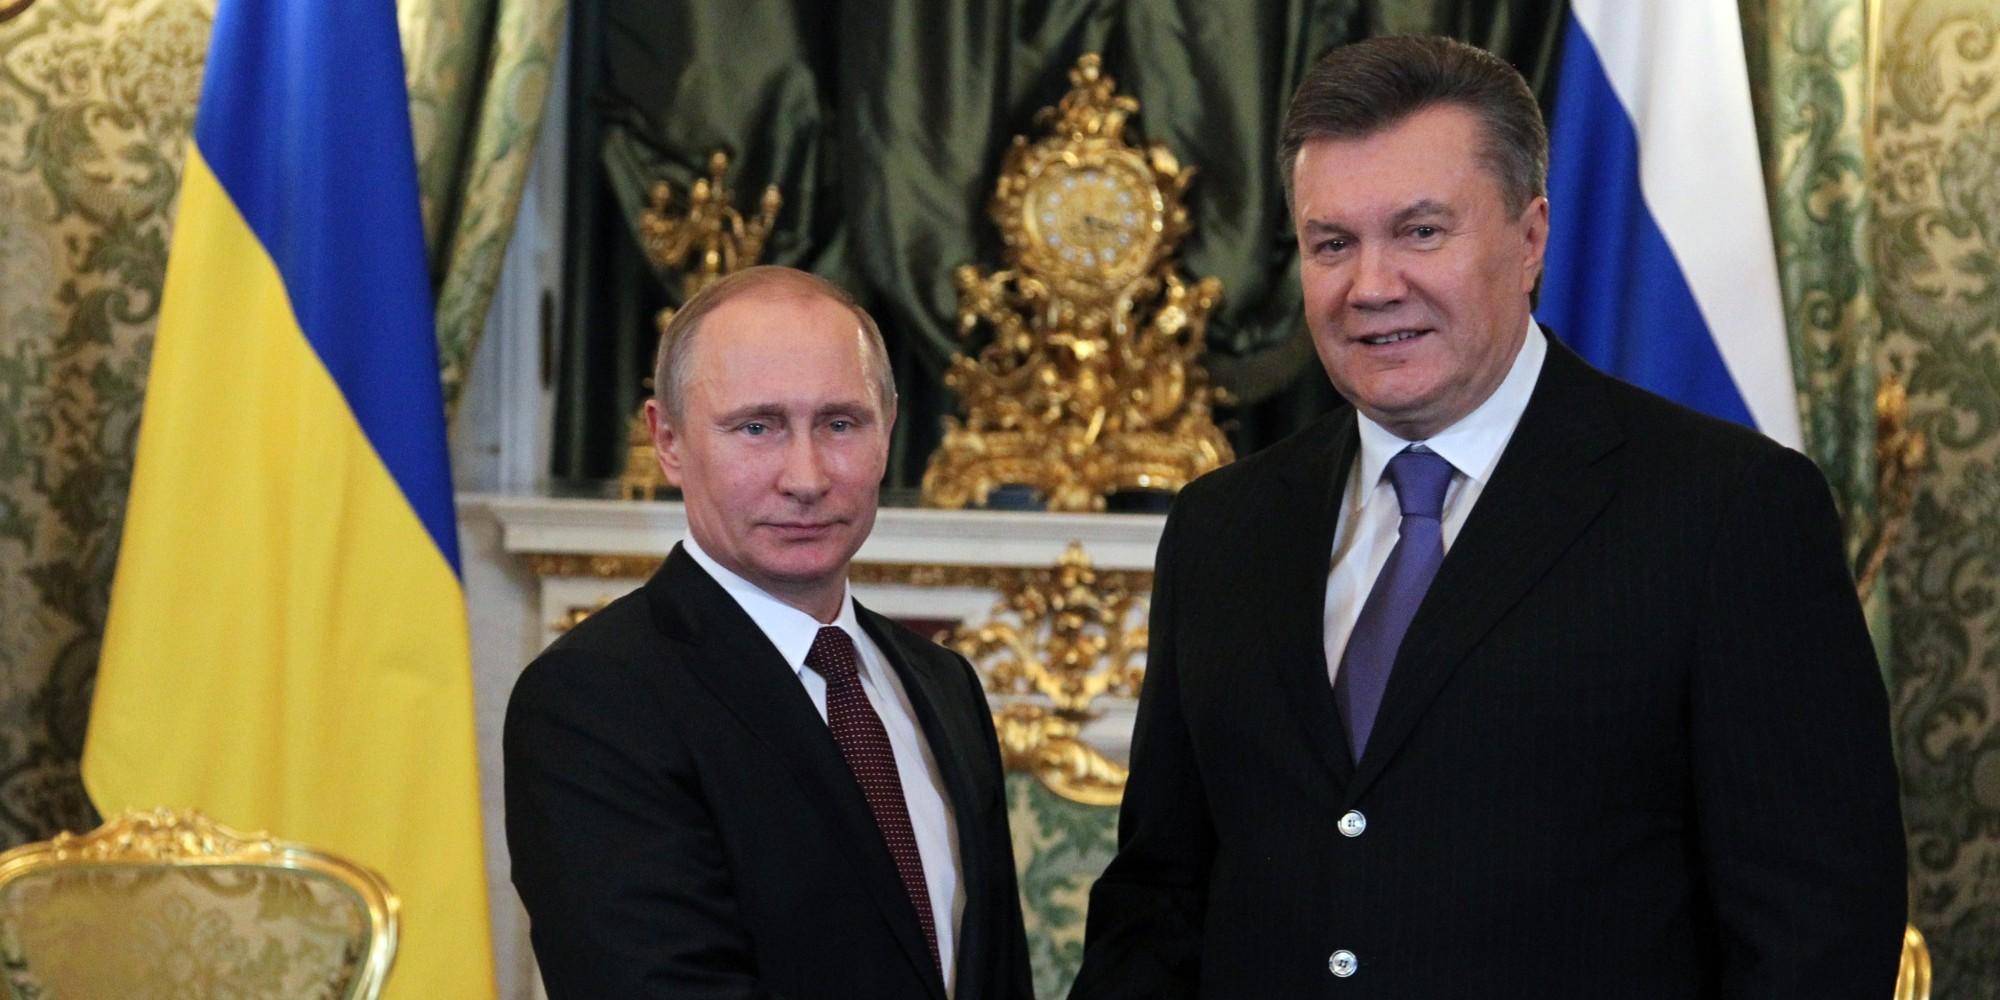 Viktor Yanukovych este in Rusia adapost pentru presedintele fugit al Ucrainei